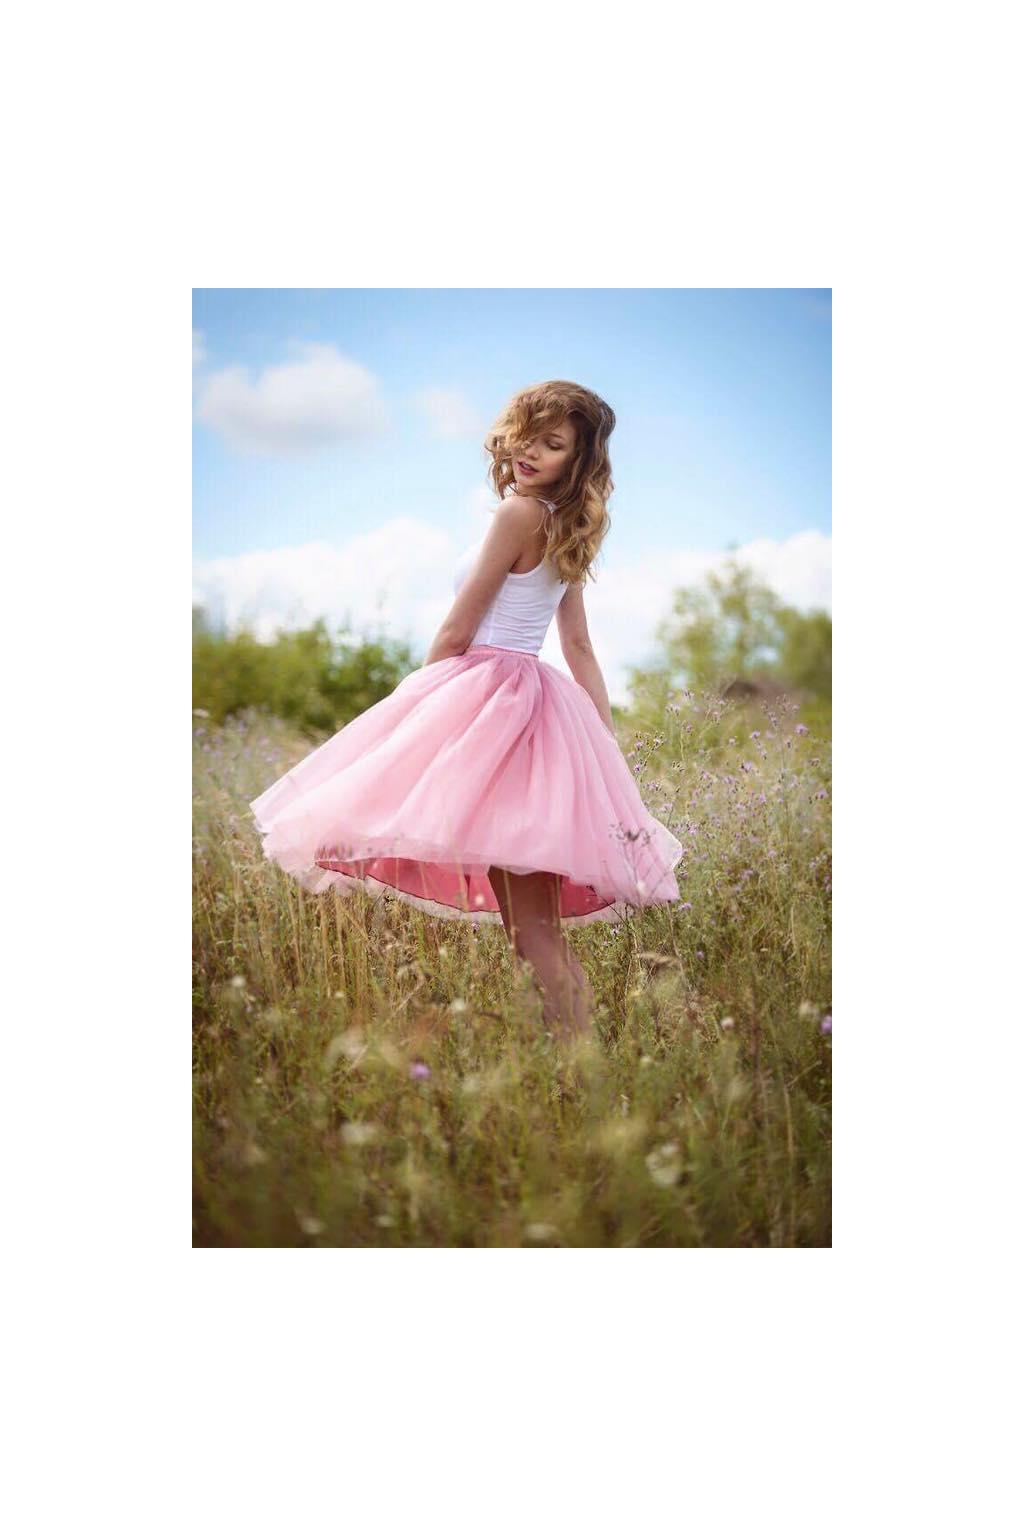 2baaafc57bb5 Dámská tylová TUTU sukně pudrová ružová · Dámská tylová TUTU sukně pudrová  ružová ...